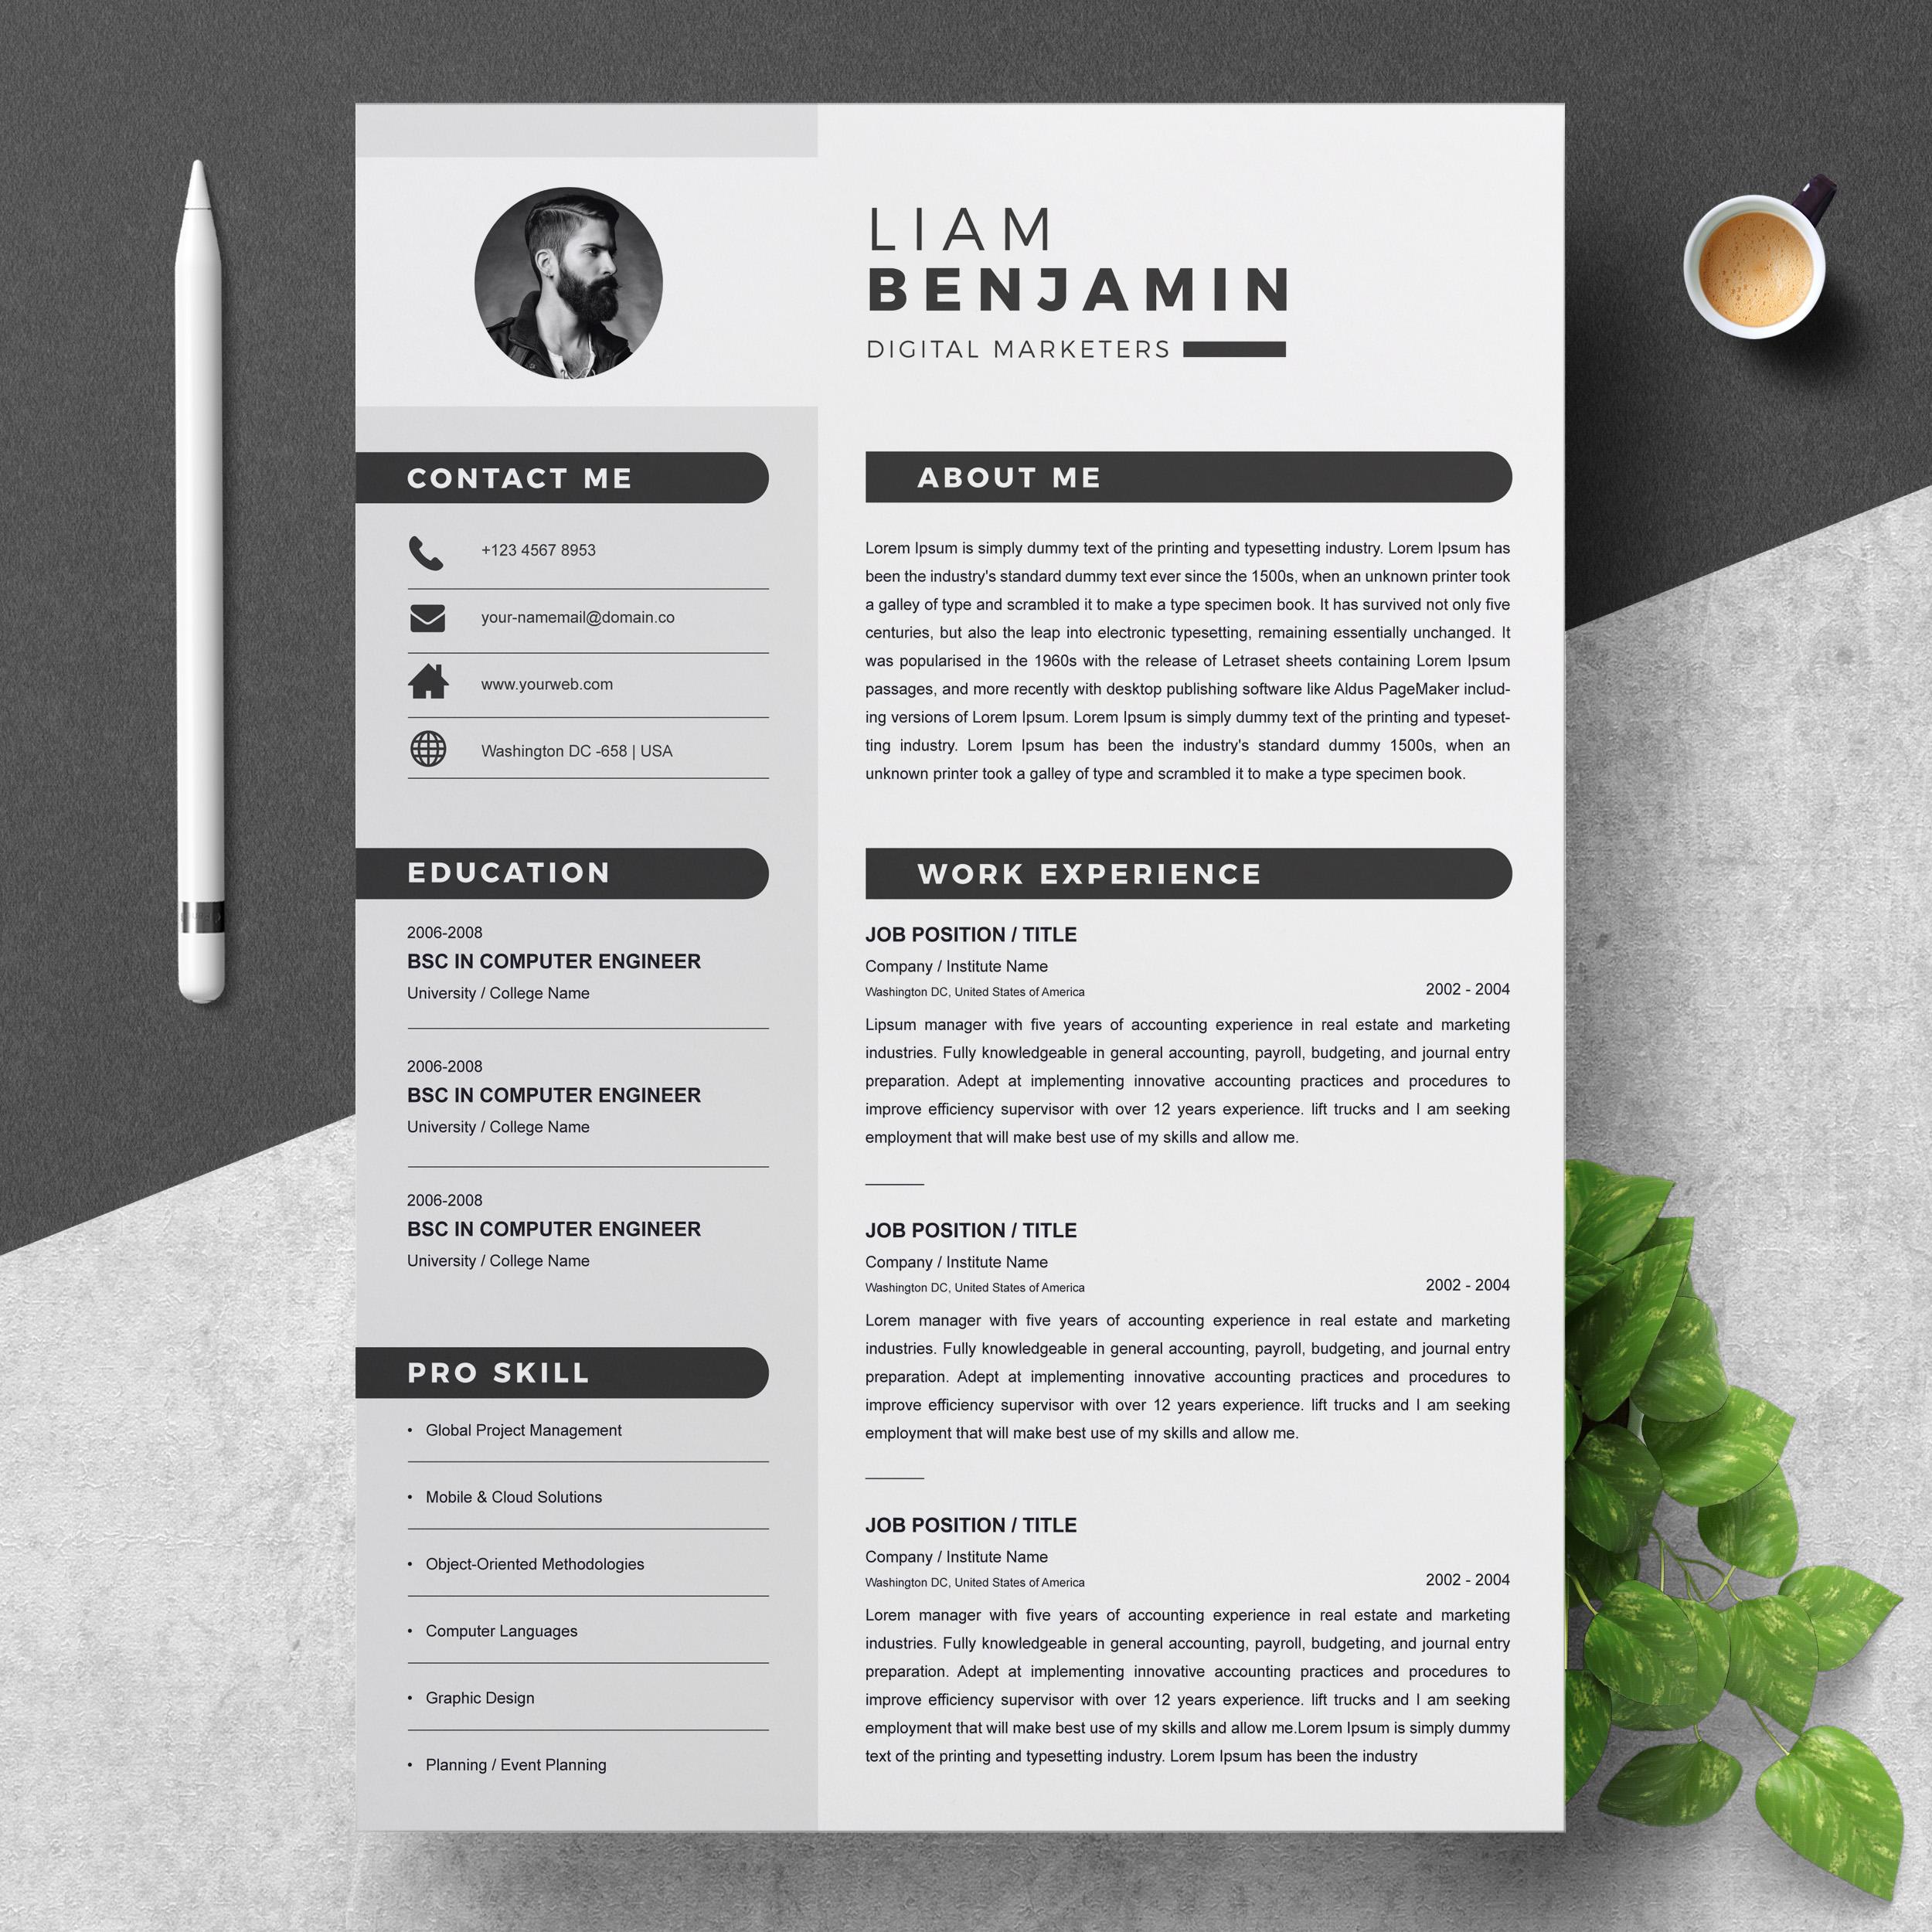 Resume Template | Word CV Design - Crella